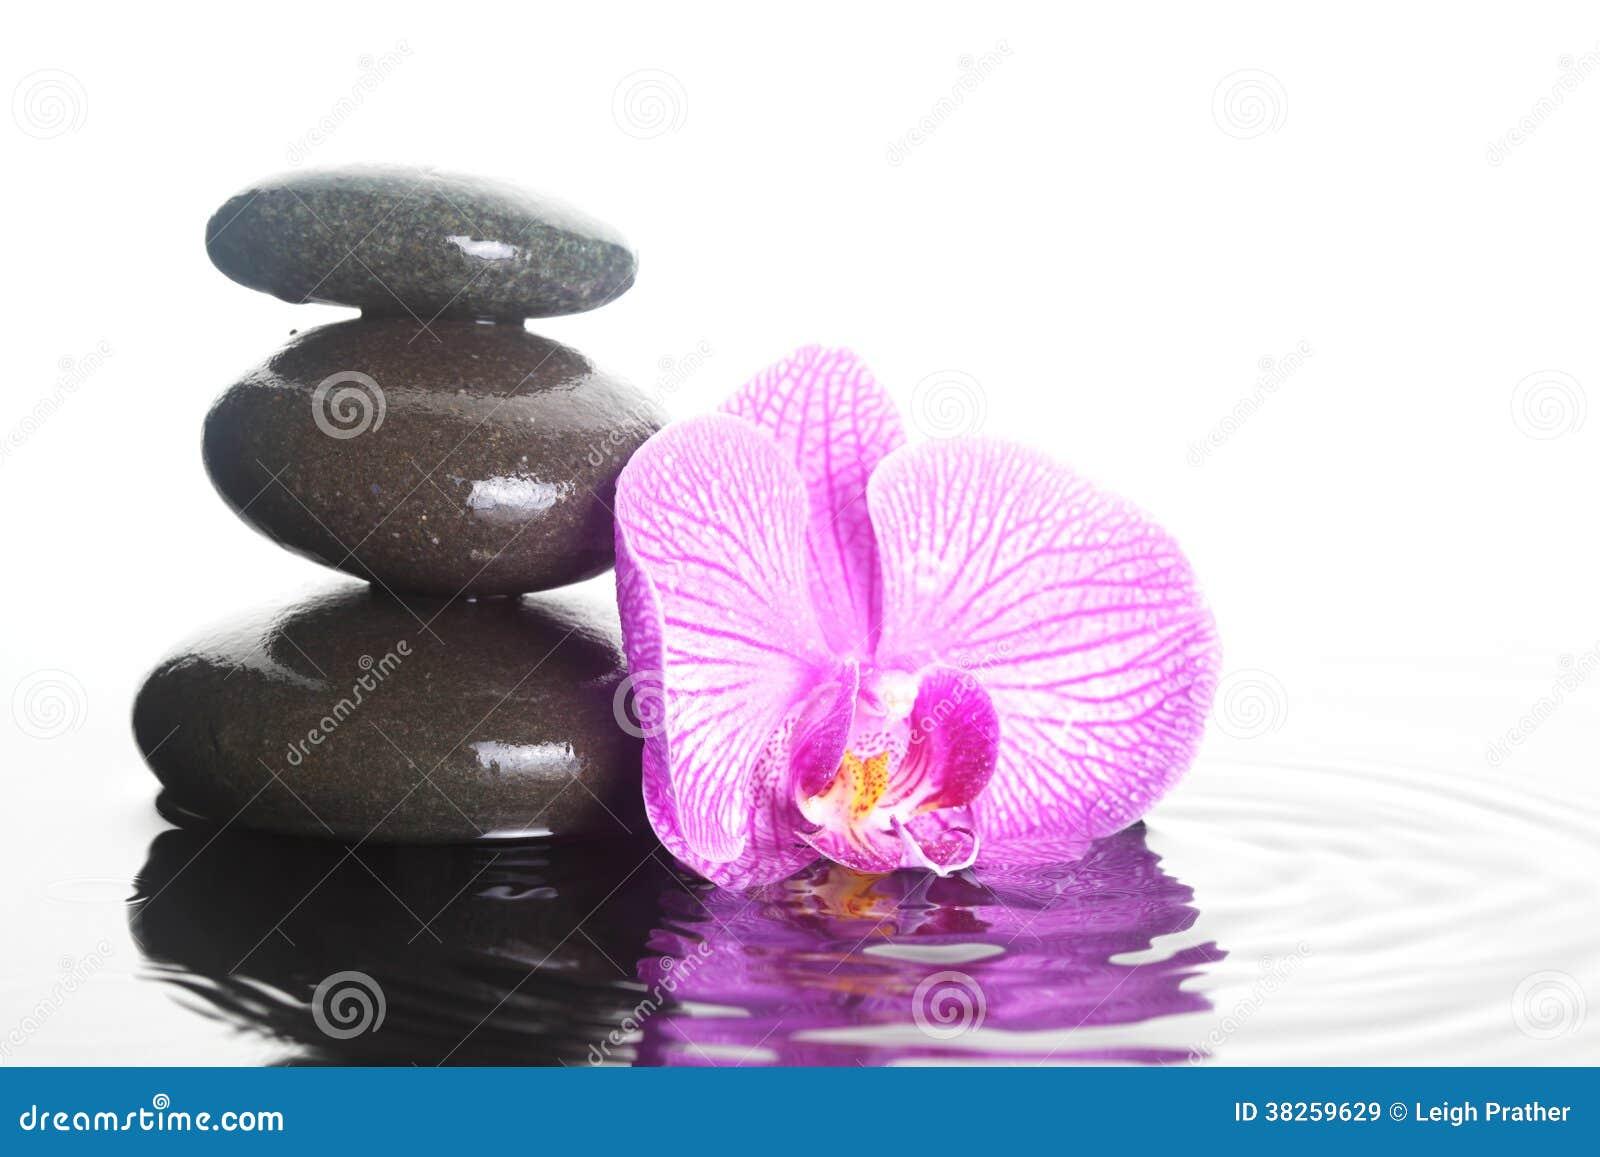 Blume Und Steine Im Wasser Stockbild Bild Von Floral 38259629